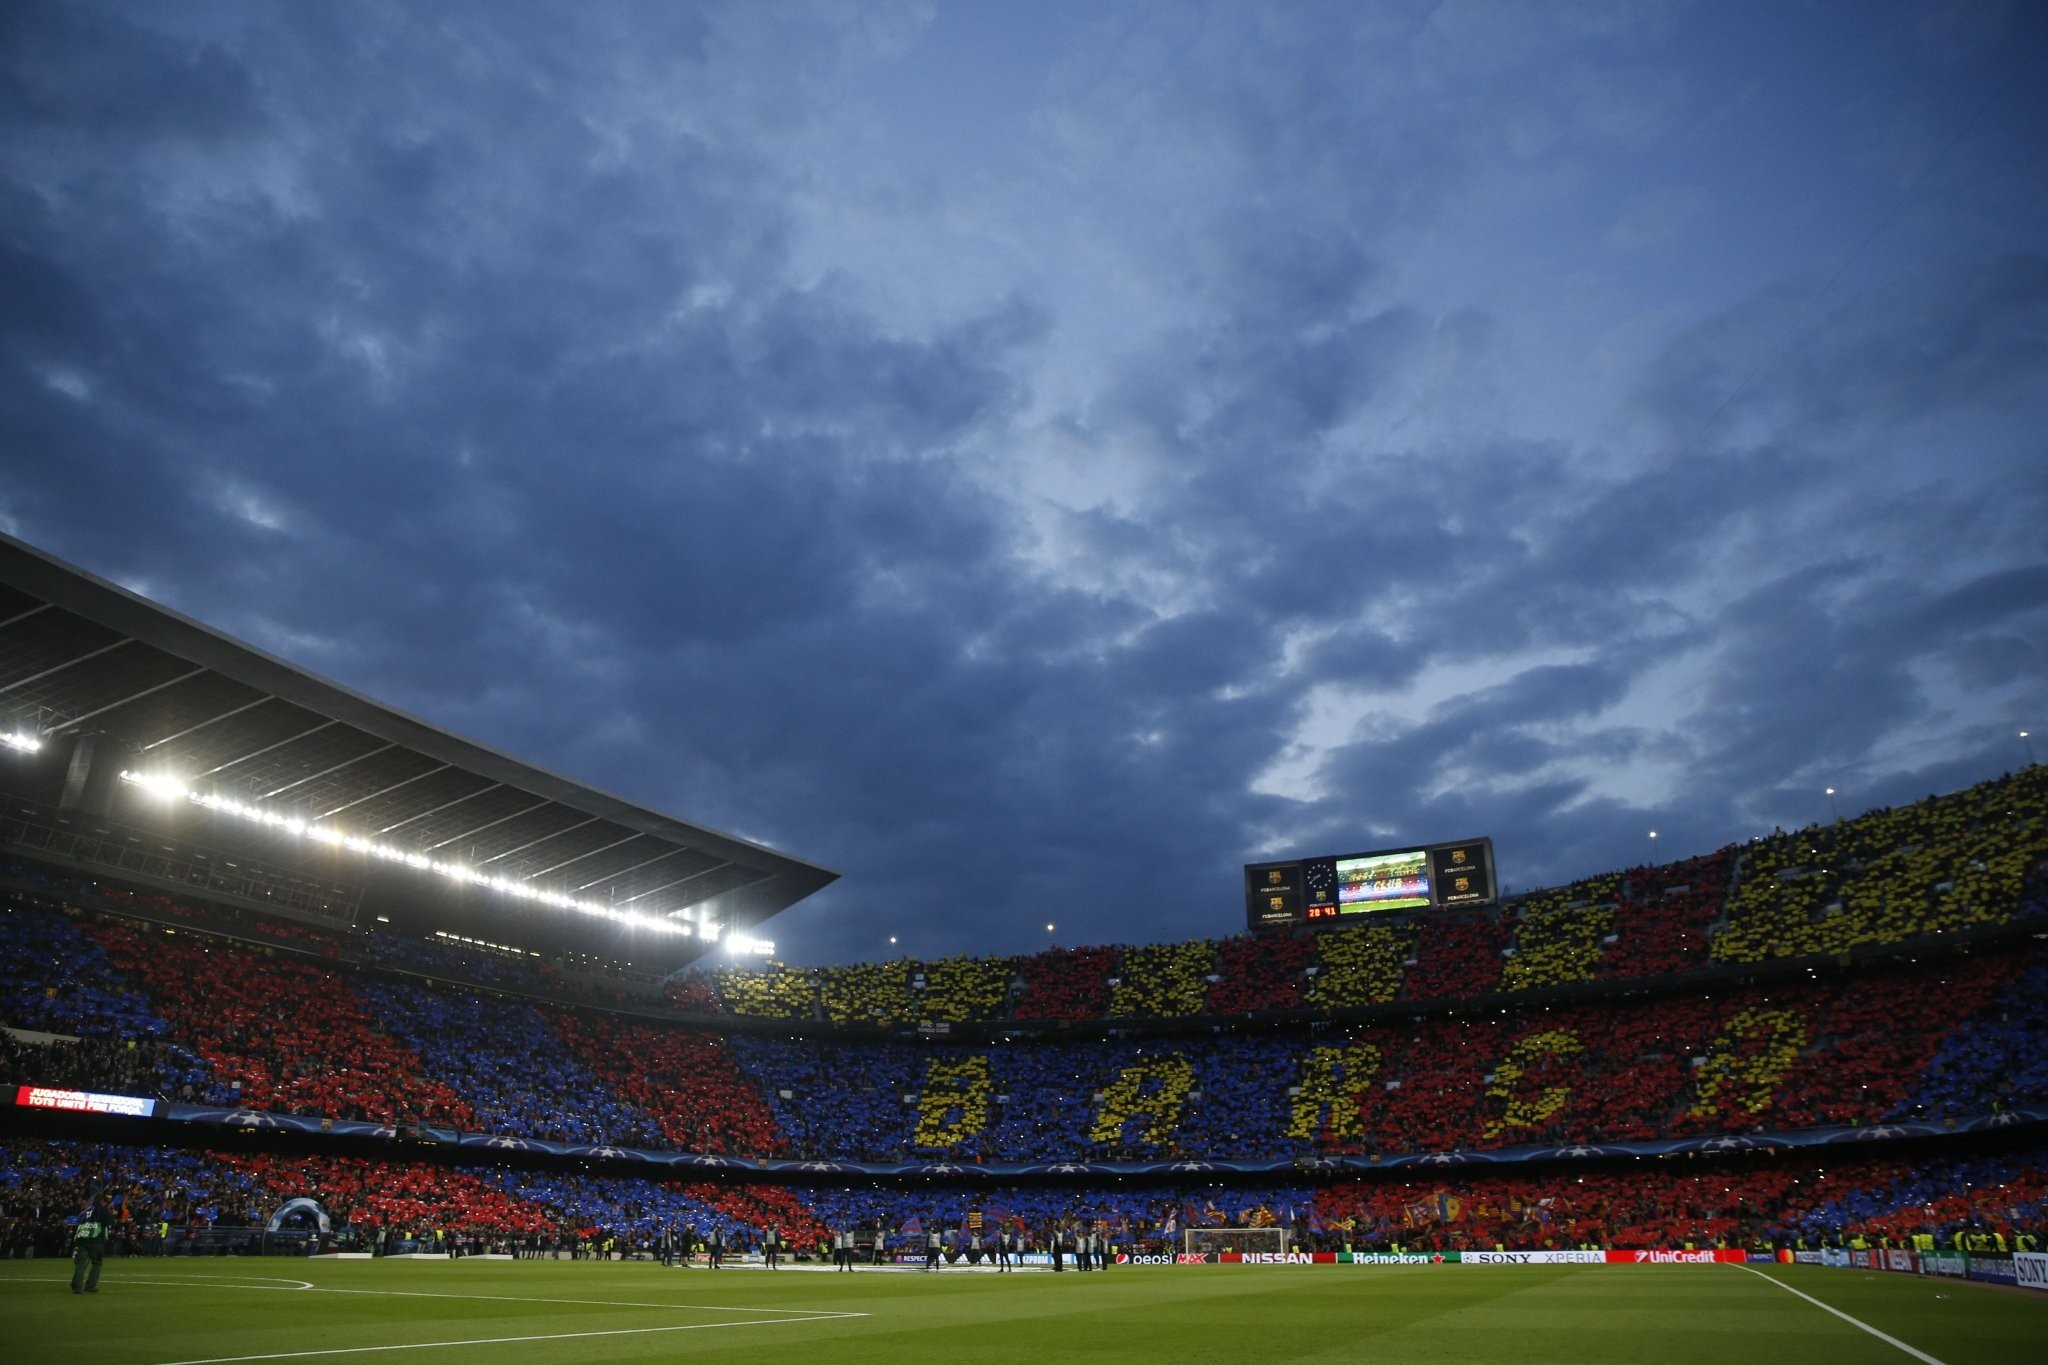 Messi Wallpaper Iphone X Camp Nou Wallpaper 79 Images